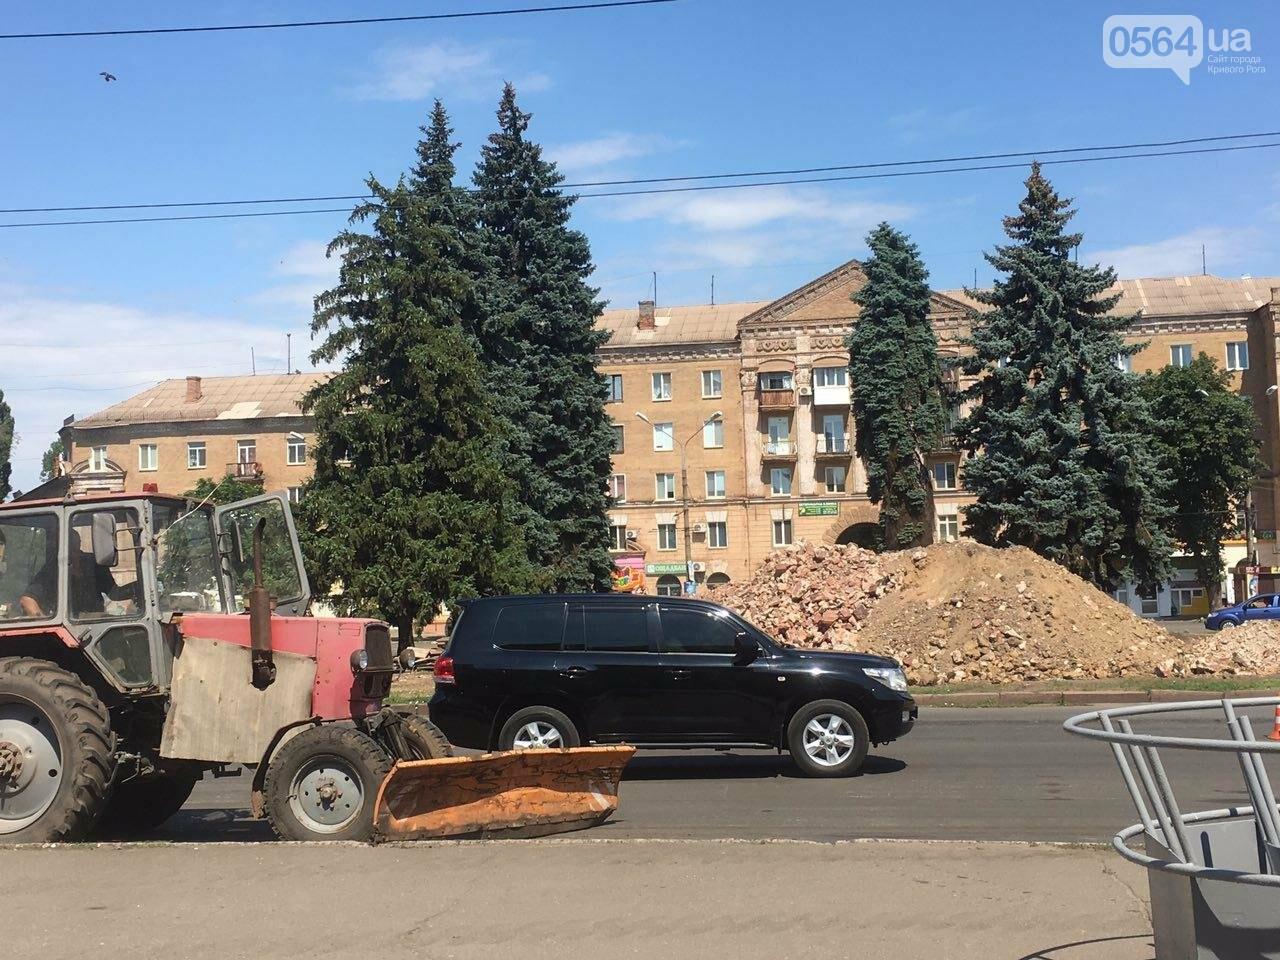 В Кривом Роге готовят площадь для установки памятника Киевскому князю Владимиру Великому, - ФОТО, фото-14